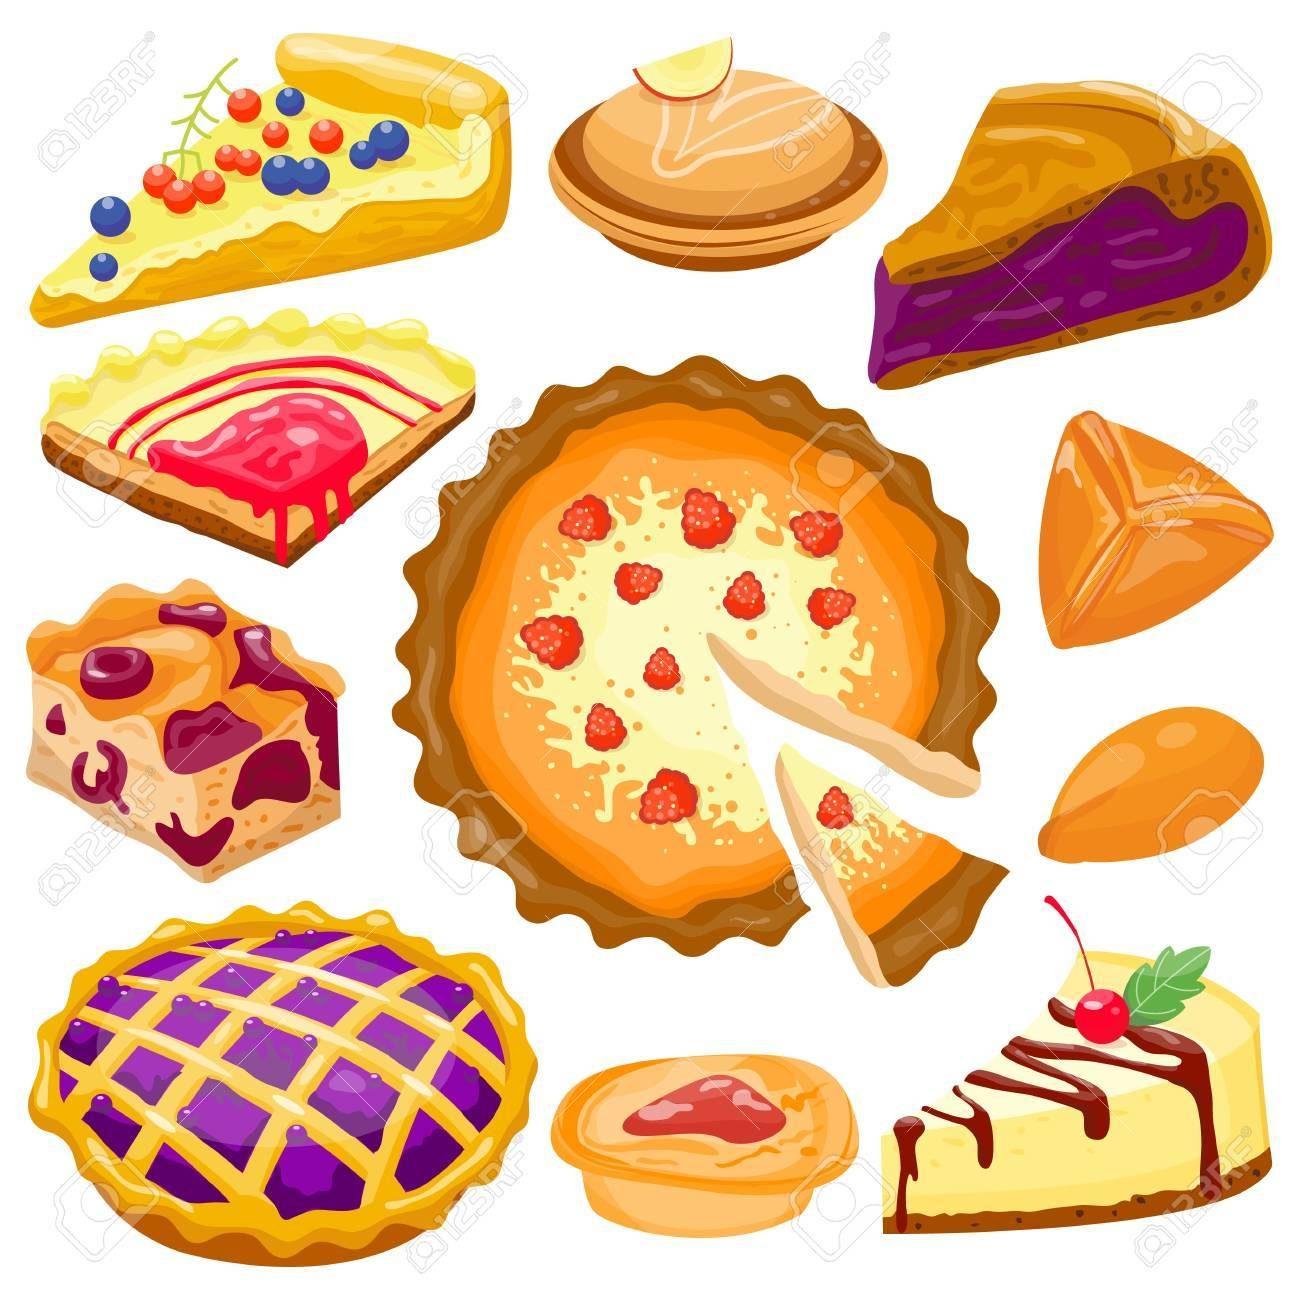 71897810-tarte-de-gâteau-de-dessin-animé-illustration-vectorielle-isolée-.jpg